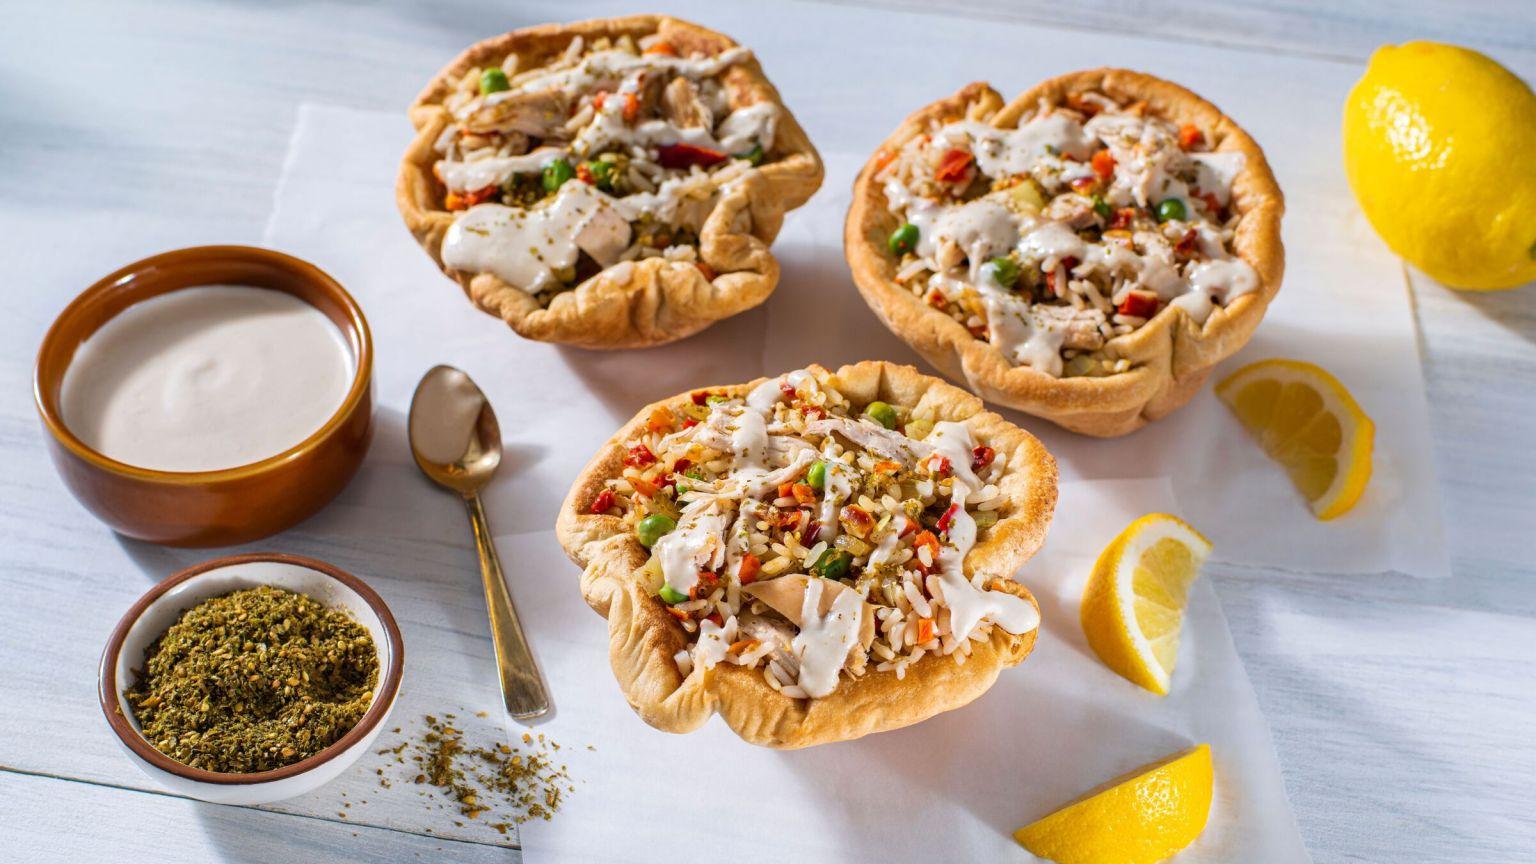 Mediterranean Chicken and Rice Pita Bowls